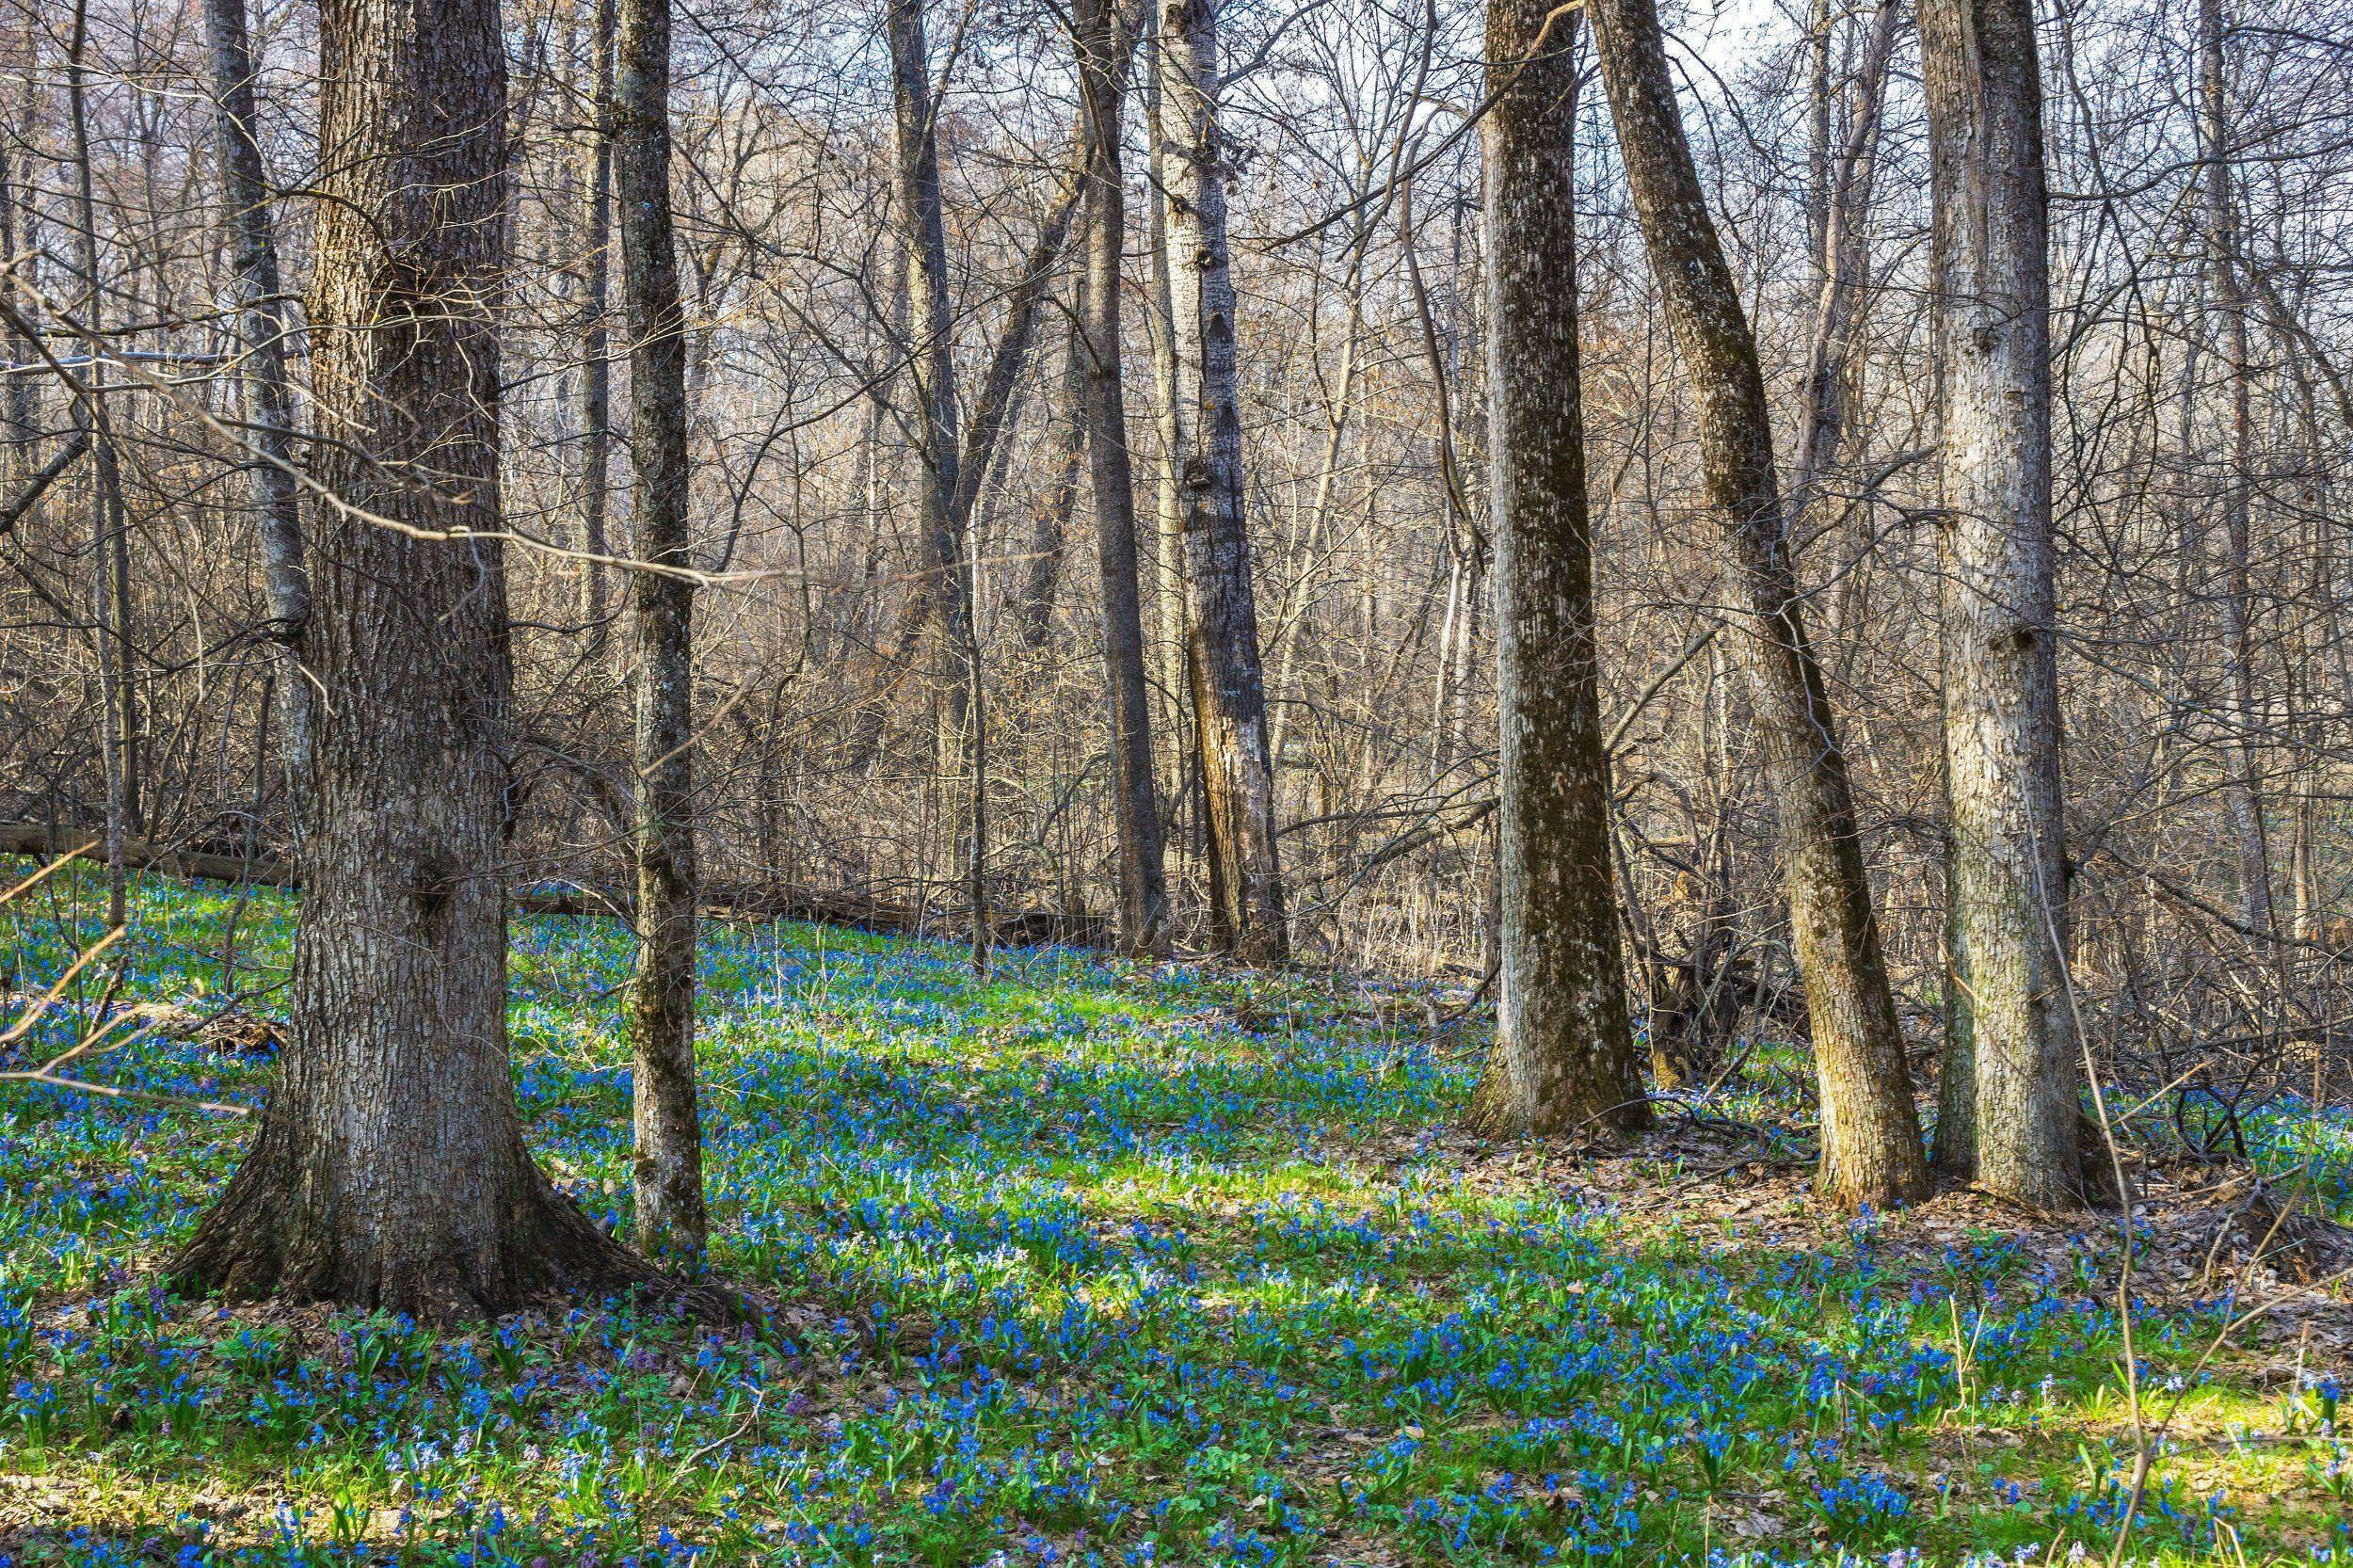 пролески, подснежники, первоцветы, лес, воронежский заповедник, весна, Востриков Руслан